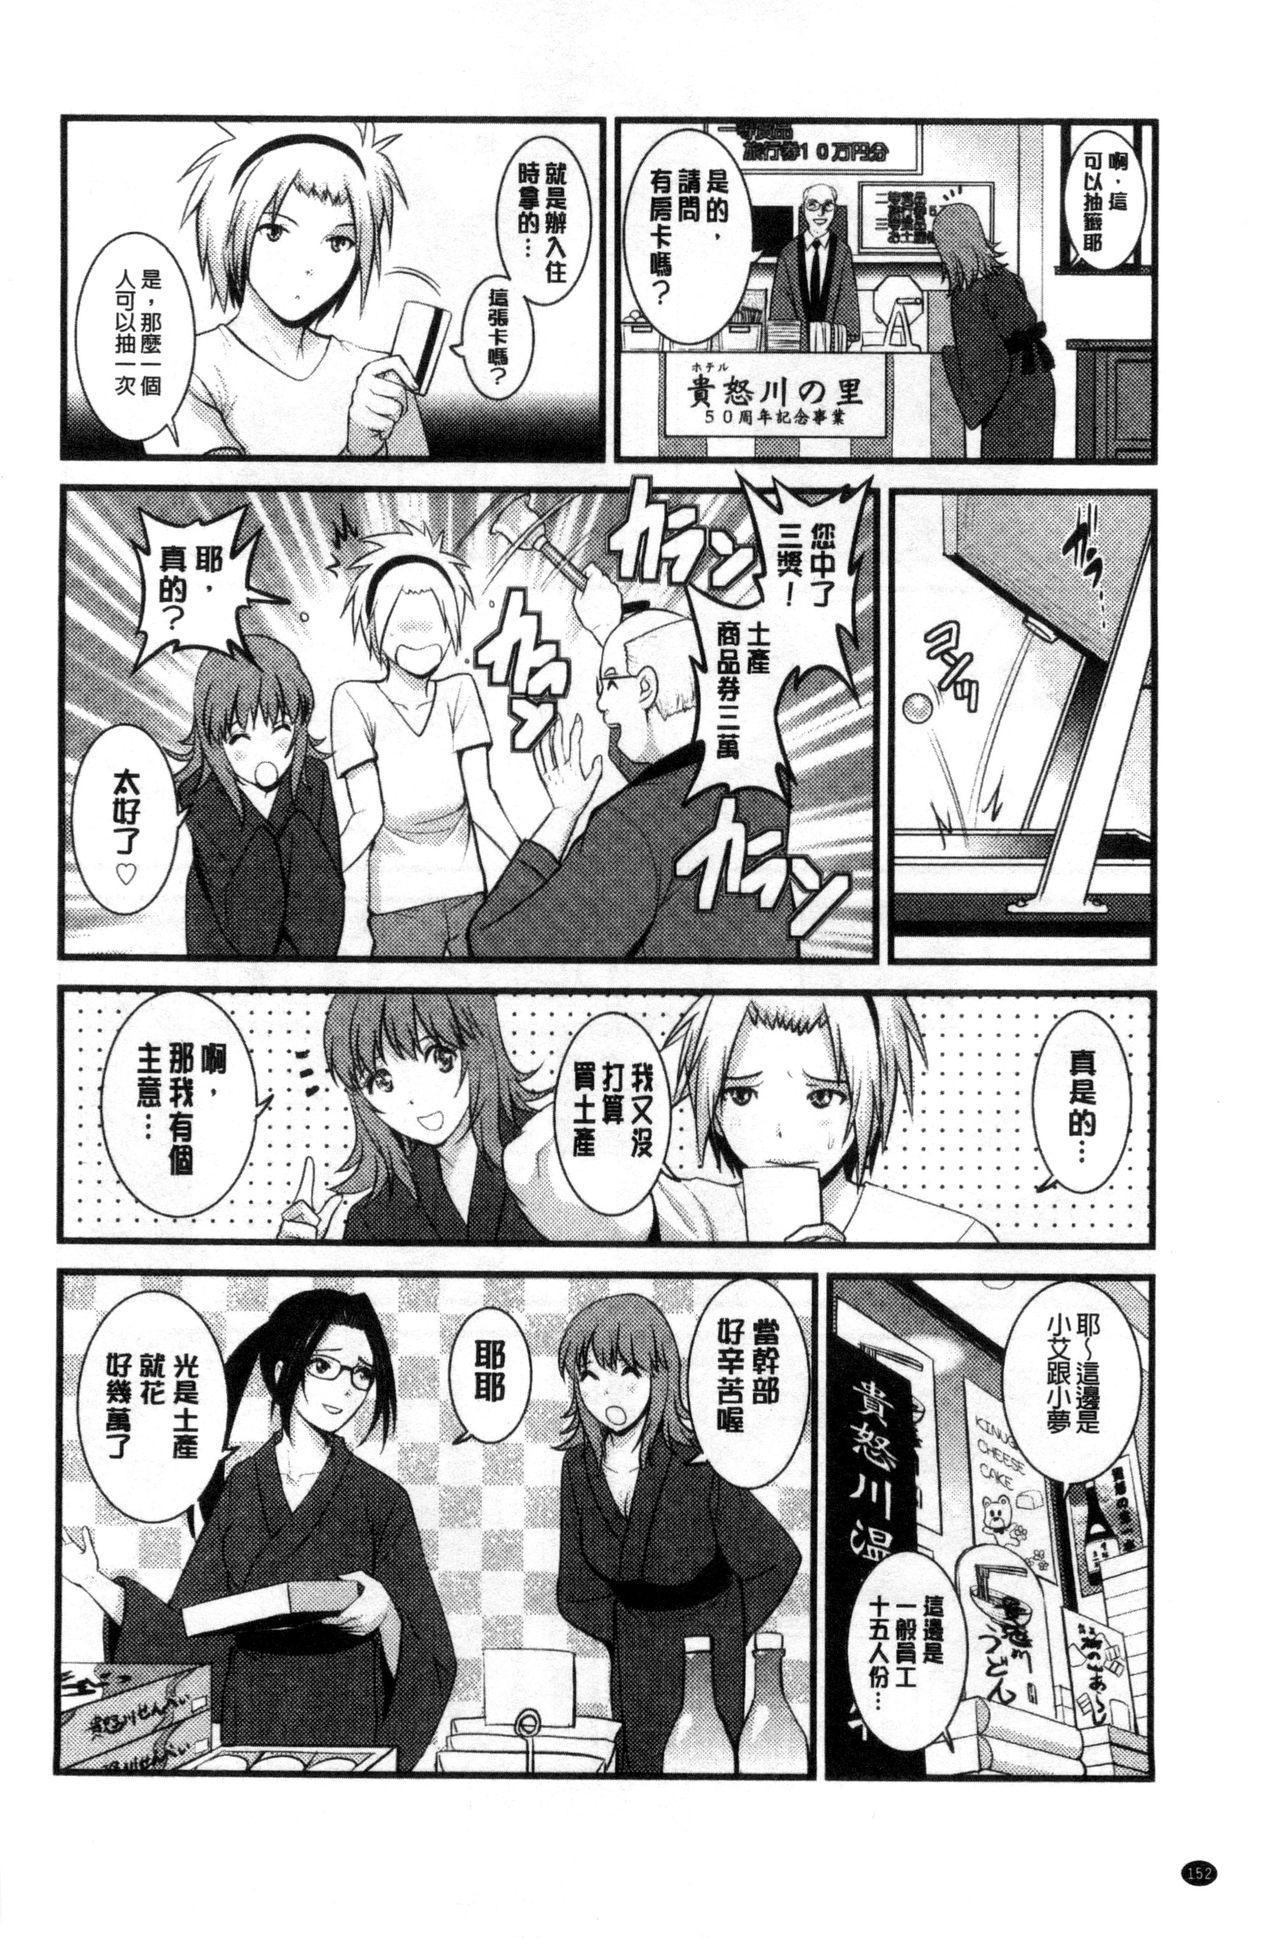 [Saigado] Part Time Manaka-san Wakazuma Enjokousai-ki | 兼職打工的愛花小姐 [Chinese] 152